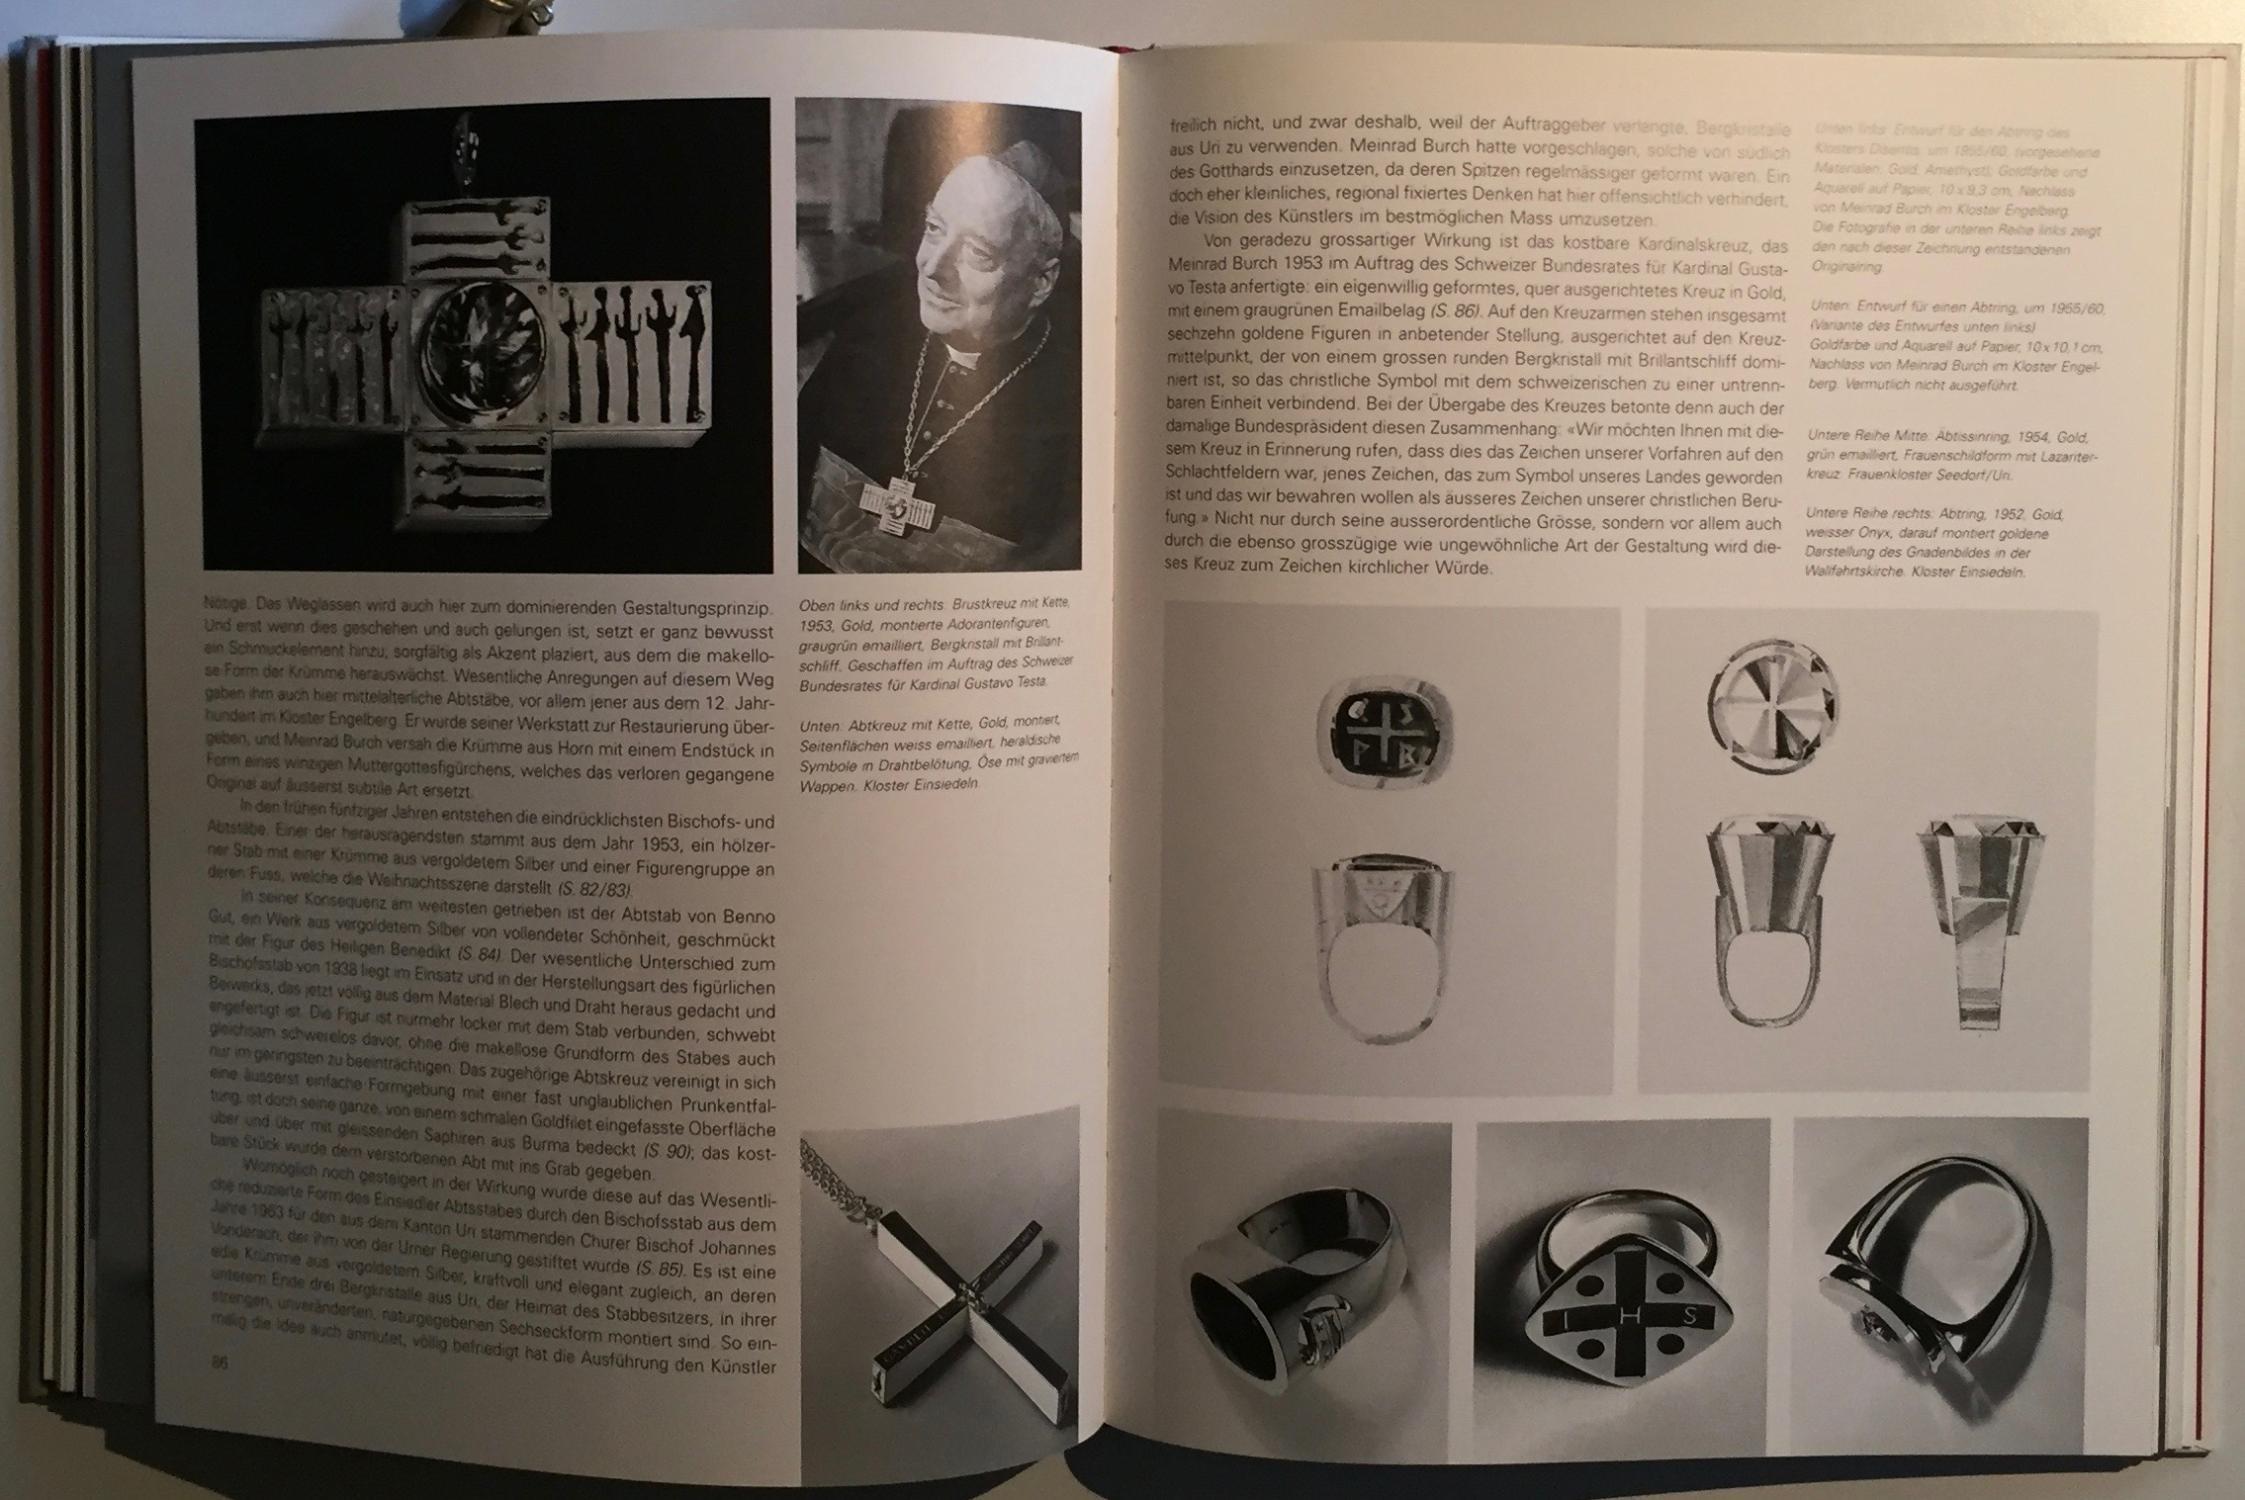 Bücher Alte Berufe Der Goldschmied Meinrad Burch-korrodi 1897-1978 Aufbruch Zur Neuen Form